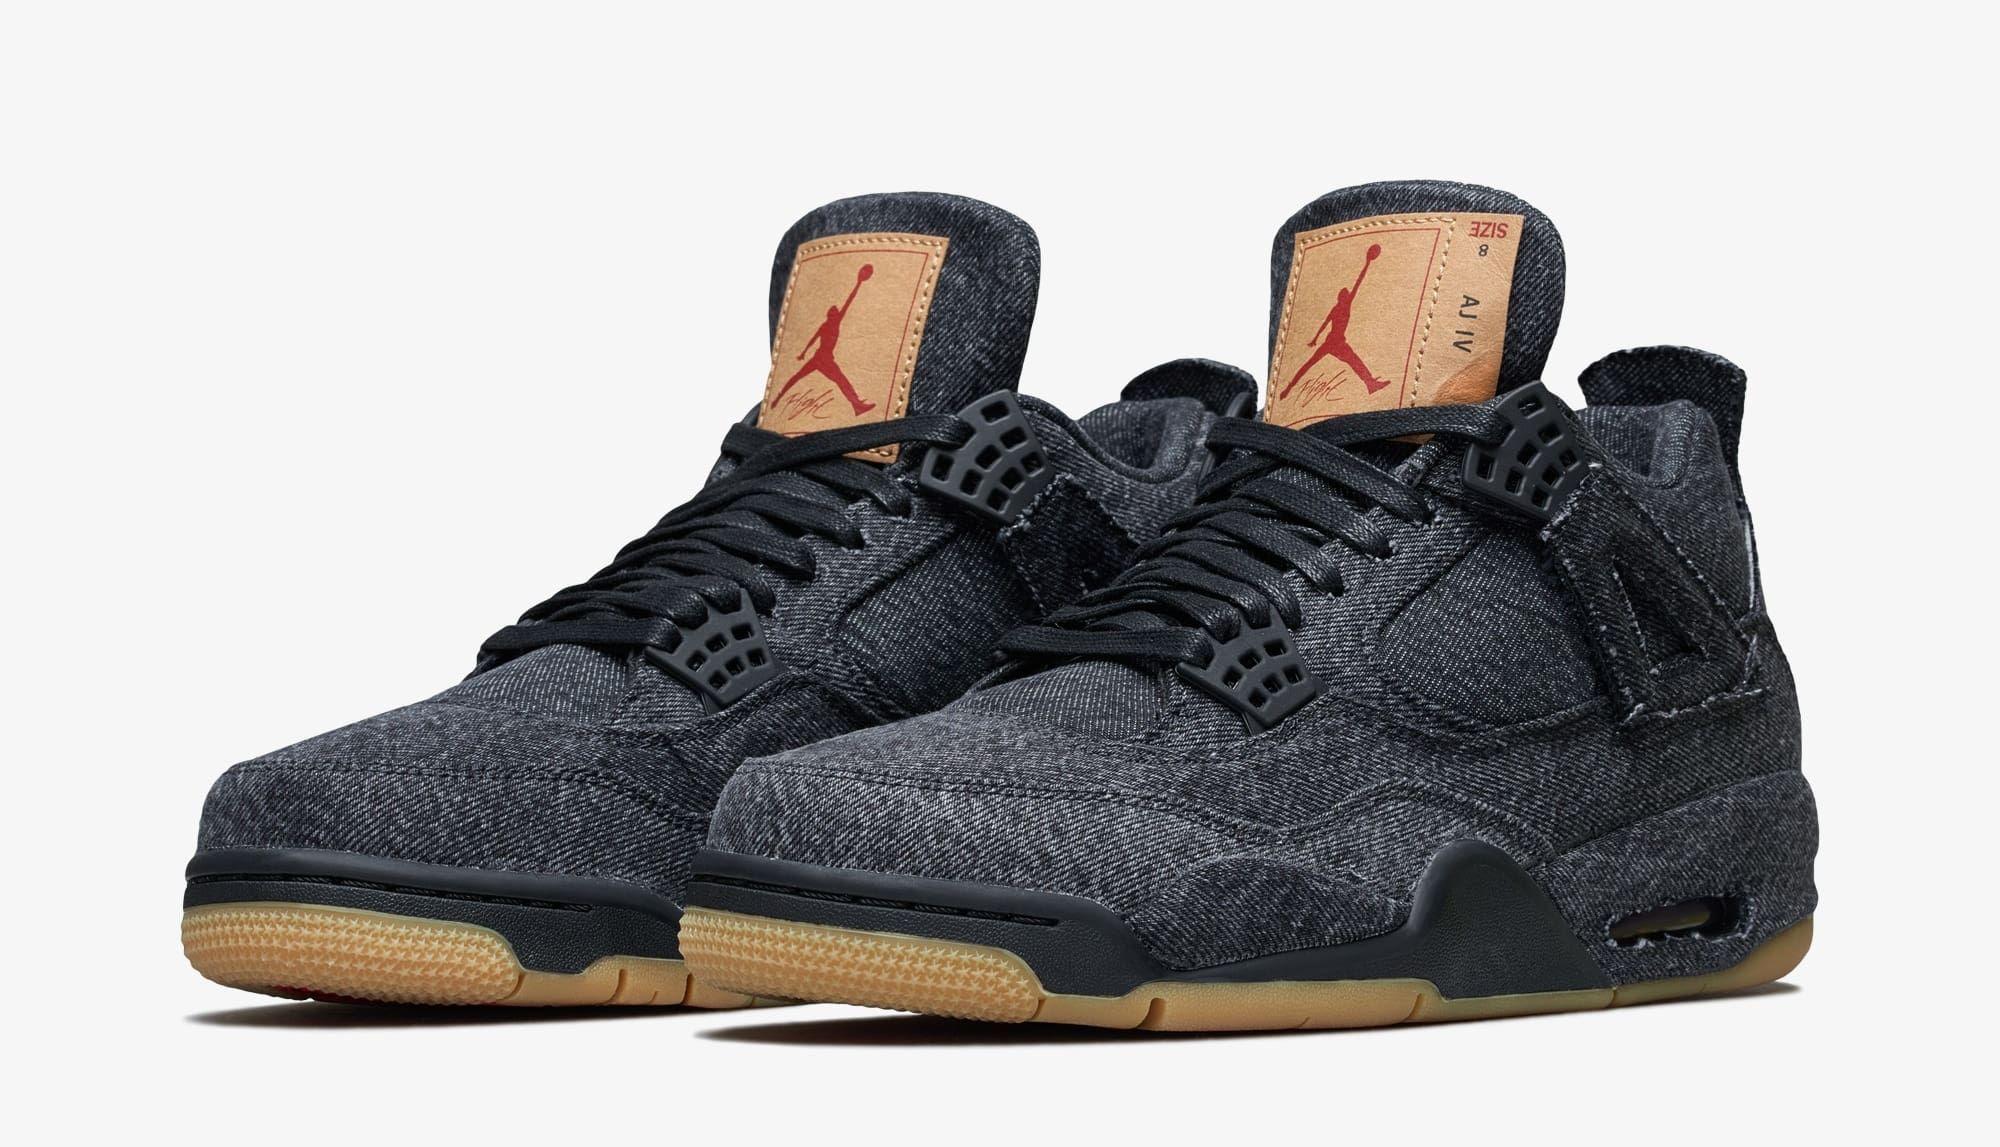 a5a93288e9dda6 Levi s x Air Jordan 4 Black Release Date AO2571-001